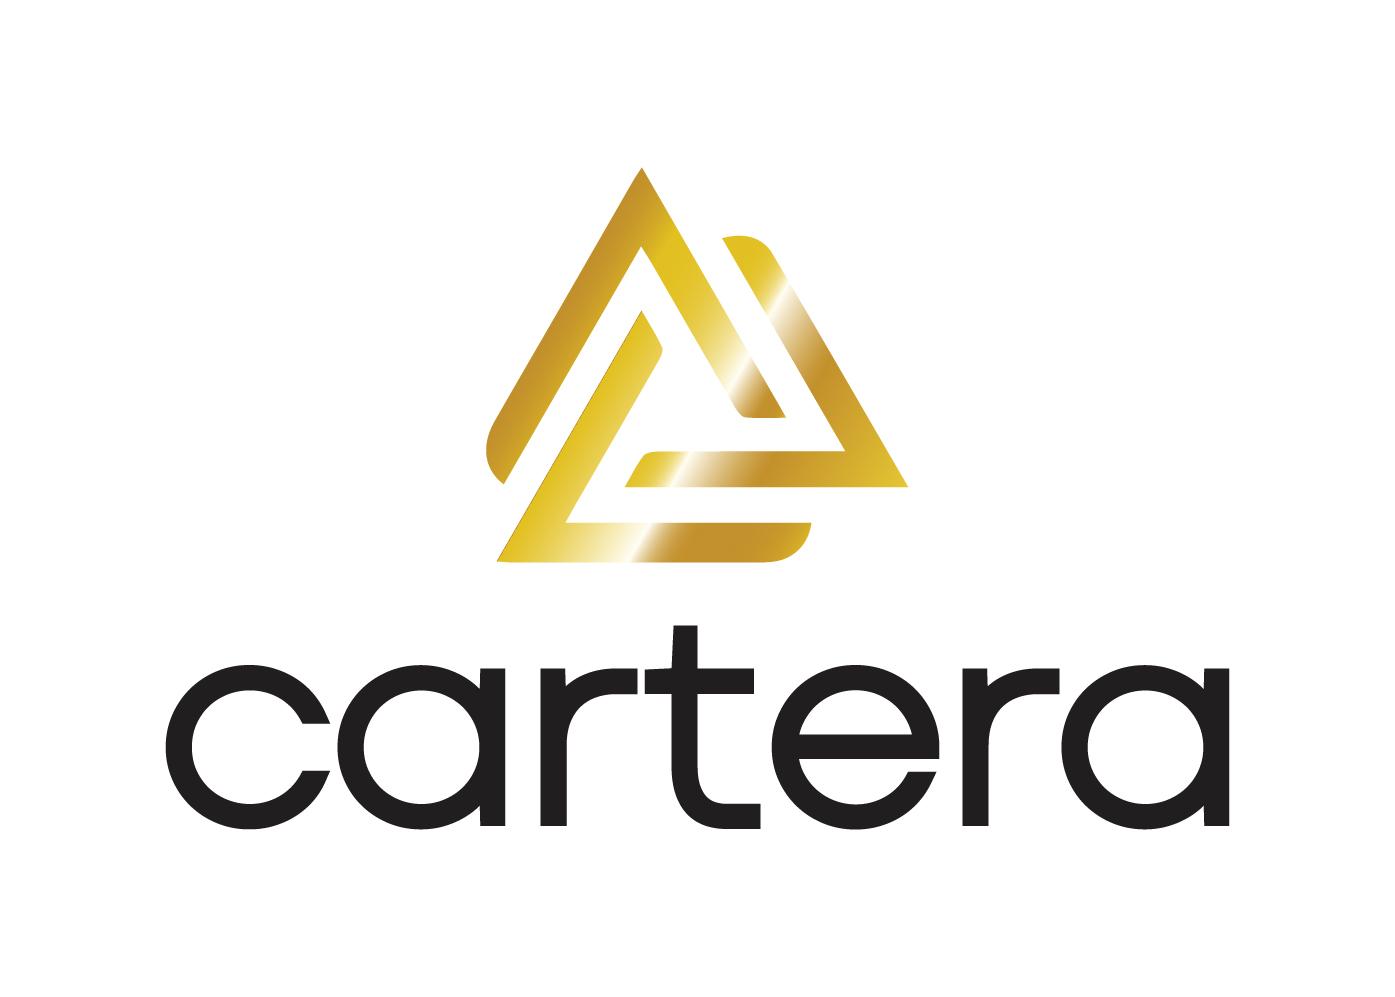 paycartera.com